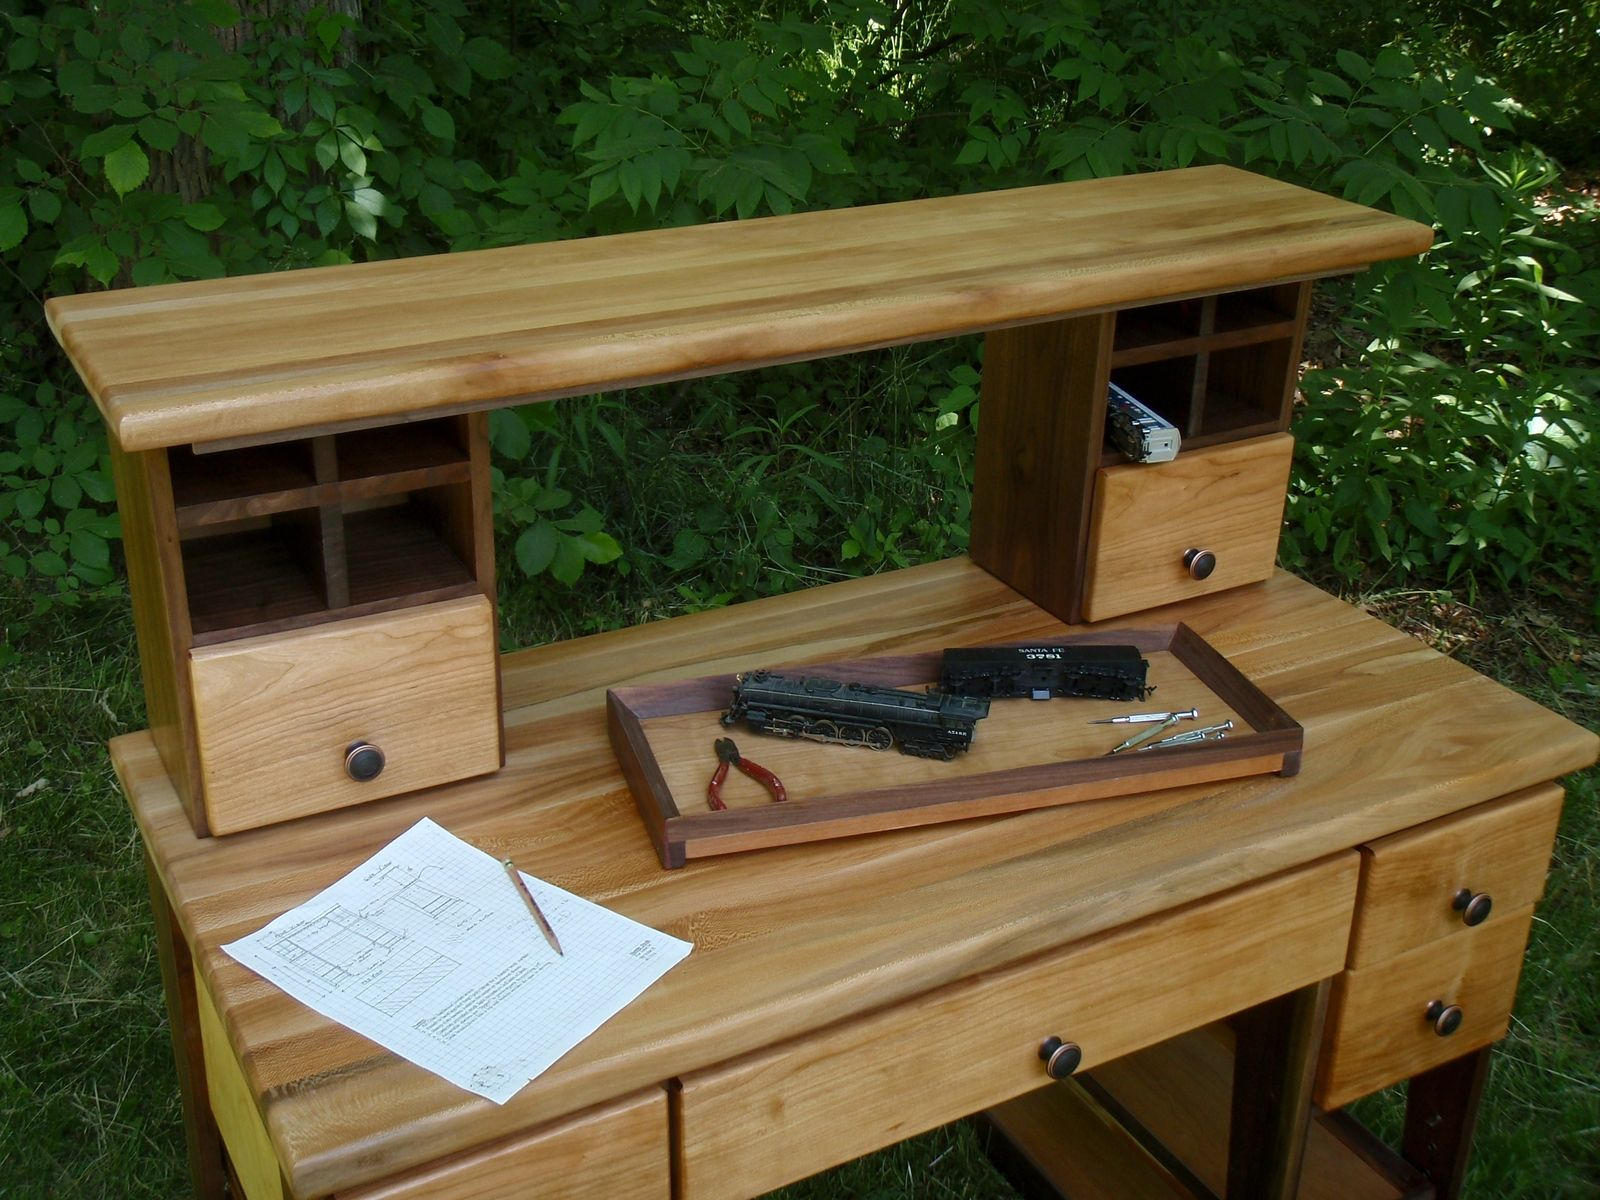 Custom Made Hobby Work Bench Desk Table